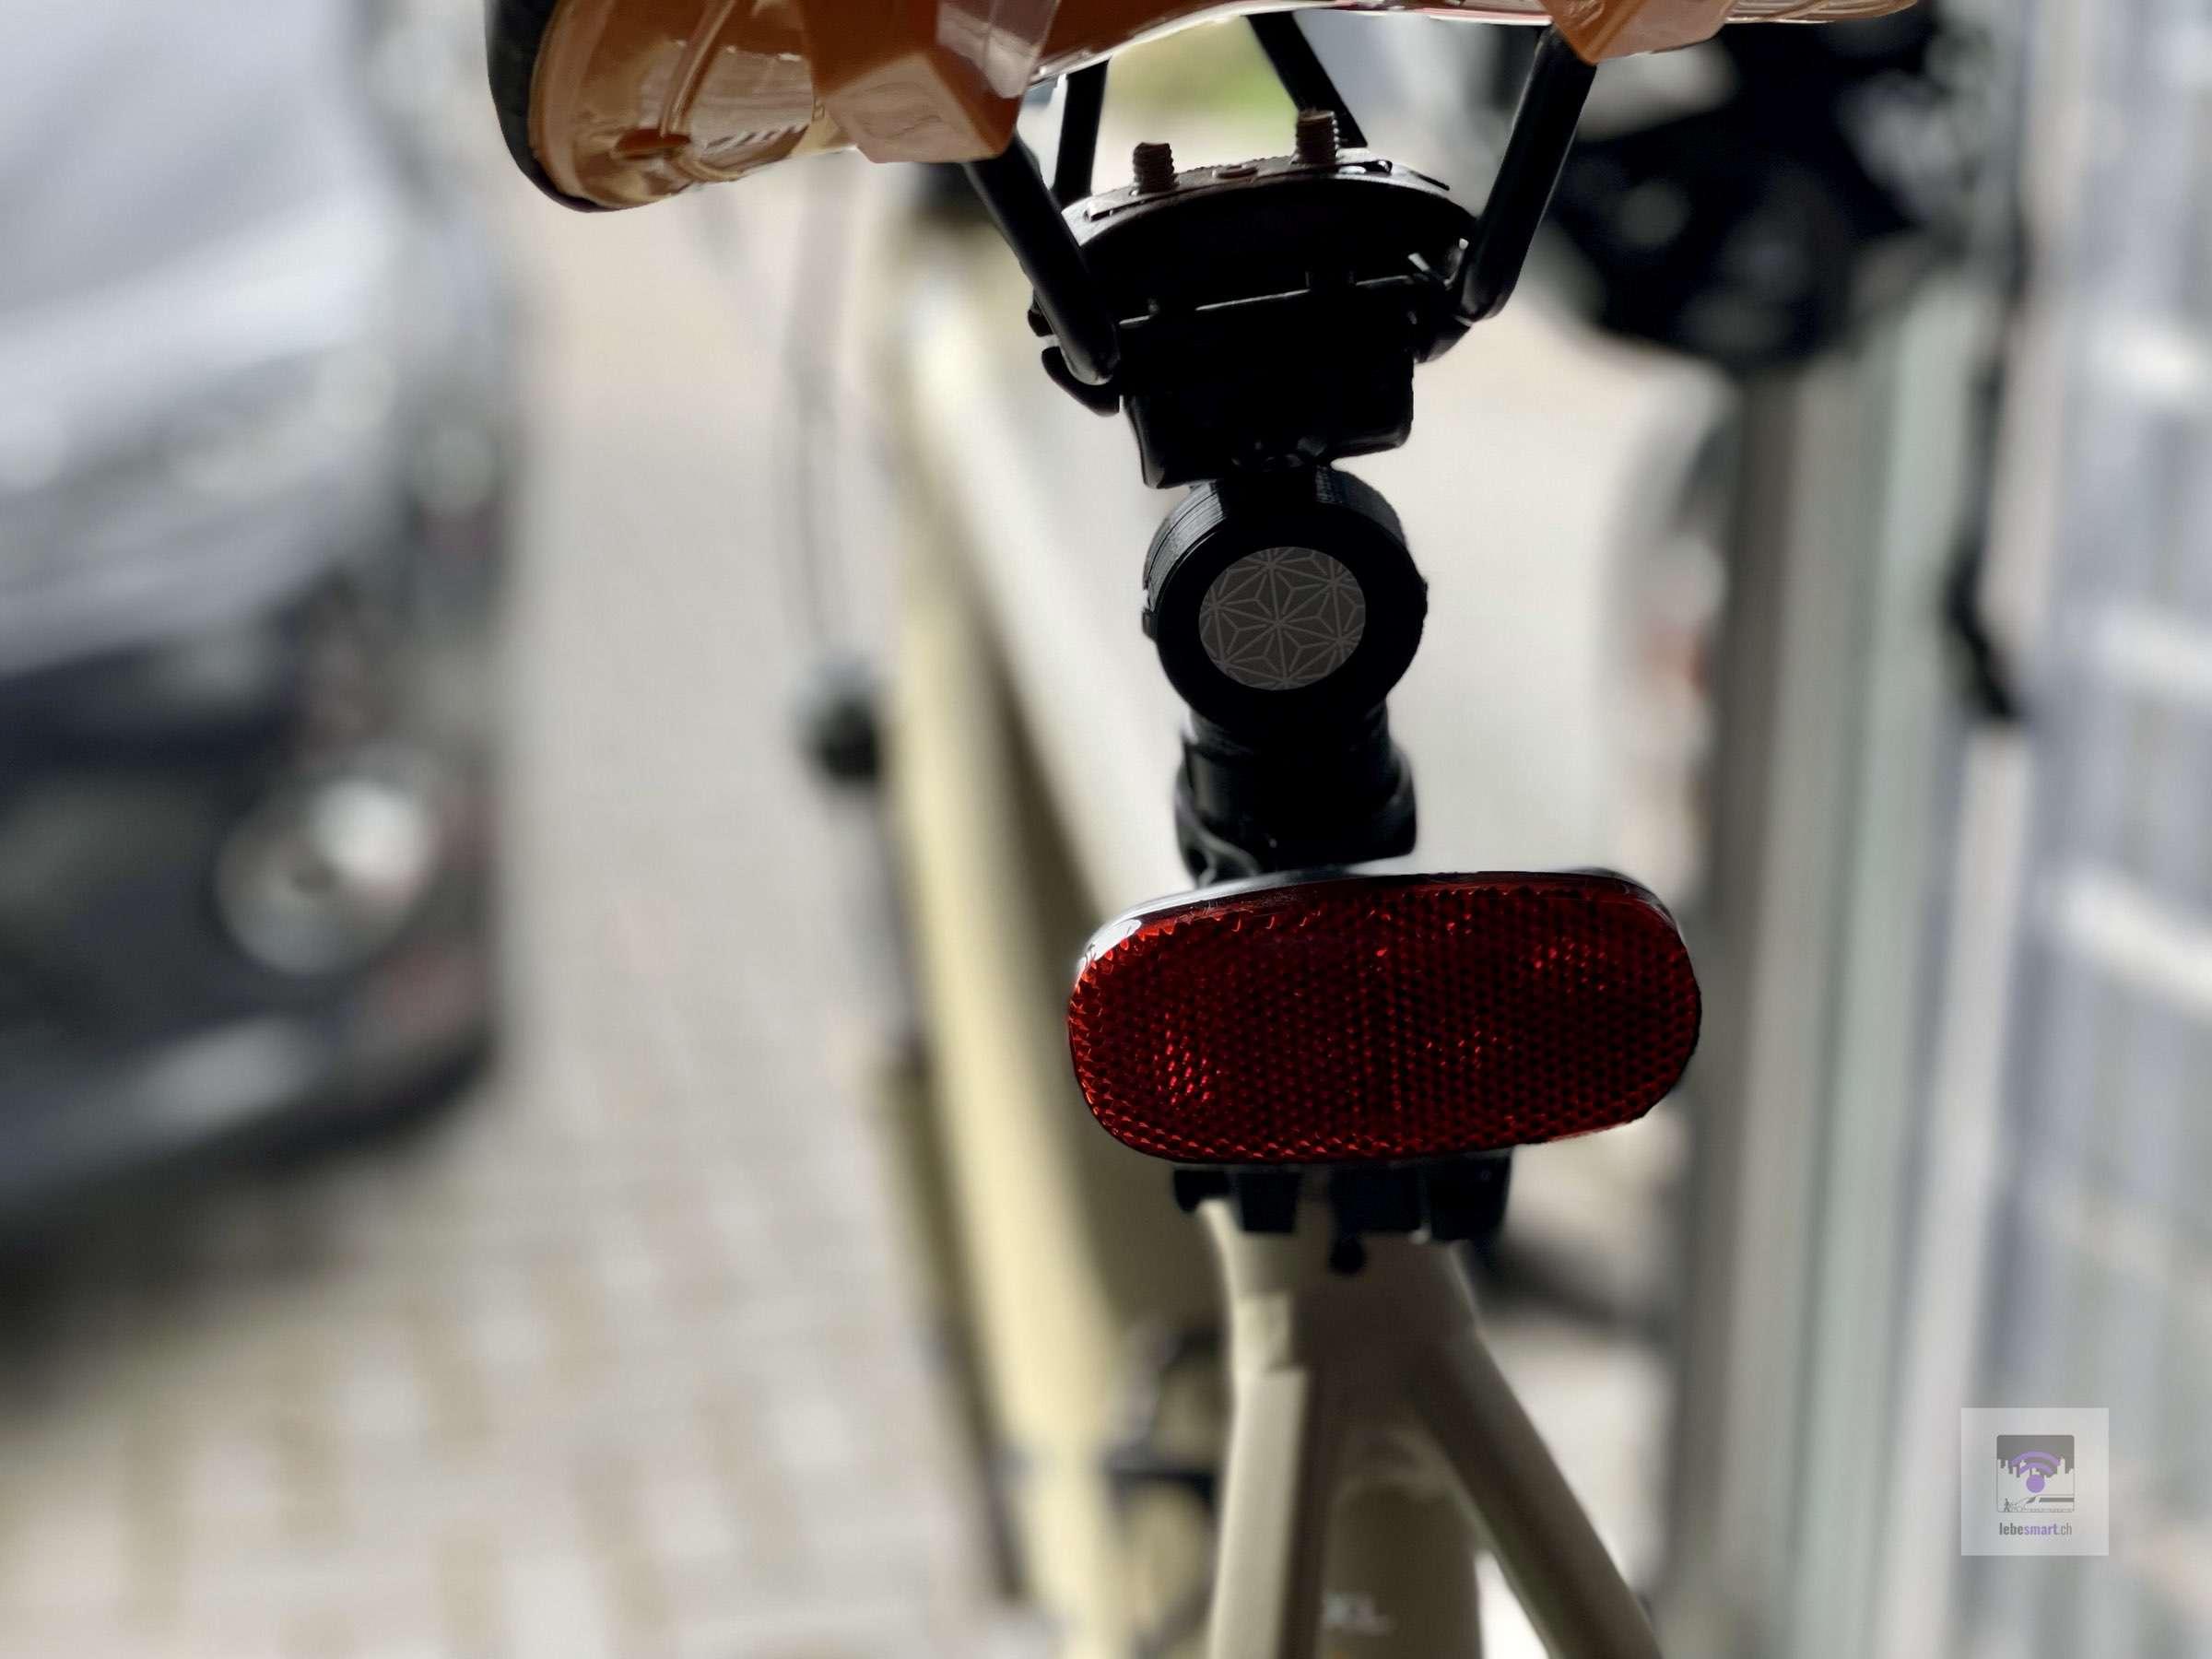 Direkt am E-Bike / Fahrrand montiert